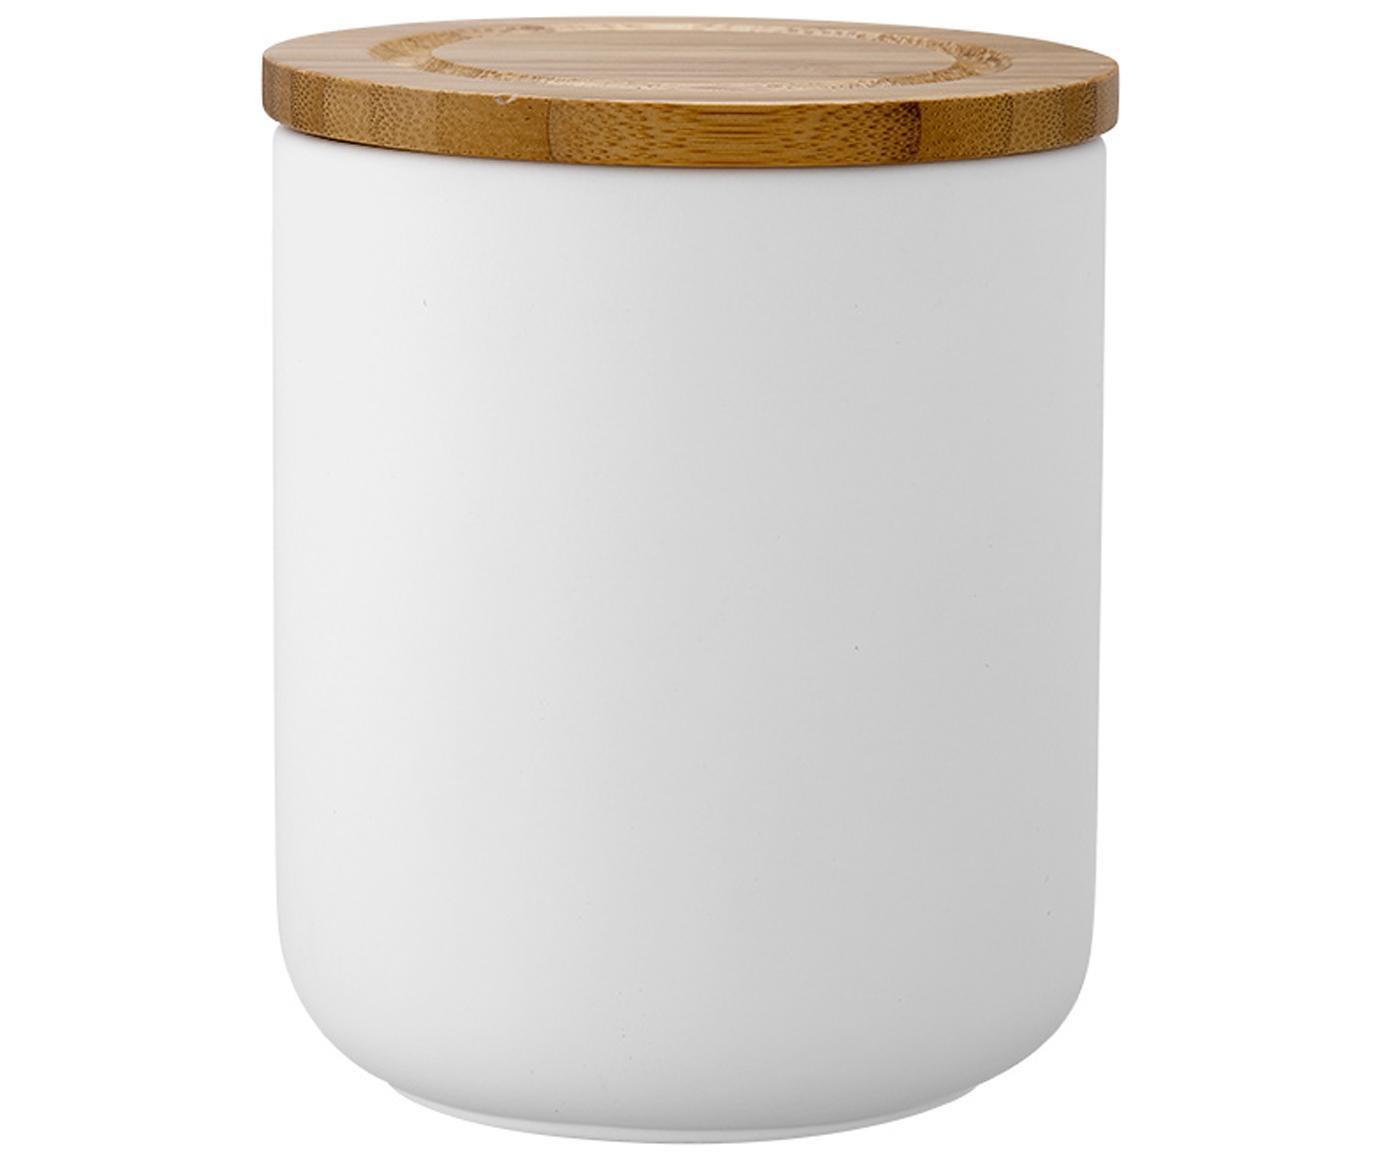 Opbergpot Stak, Pot: keramiek, Deksel: bamboehout, Wit, bamboehoutkleurig, Ø 10 x H 13 cm